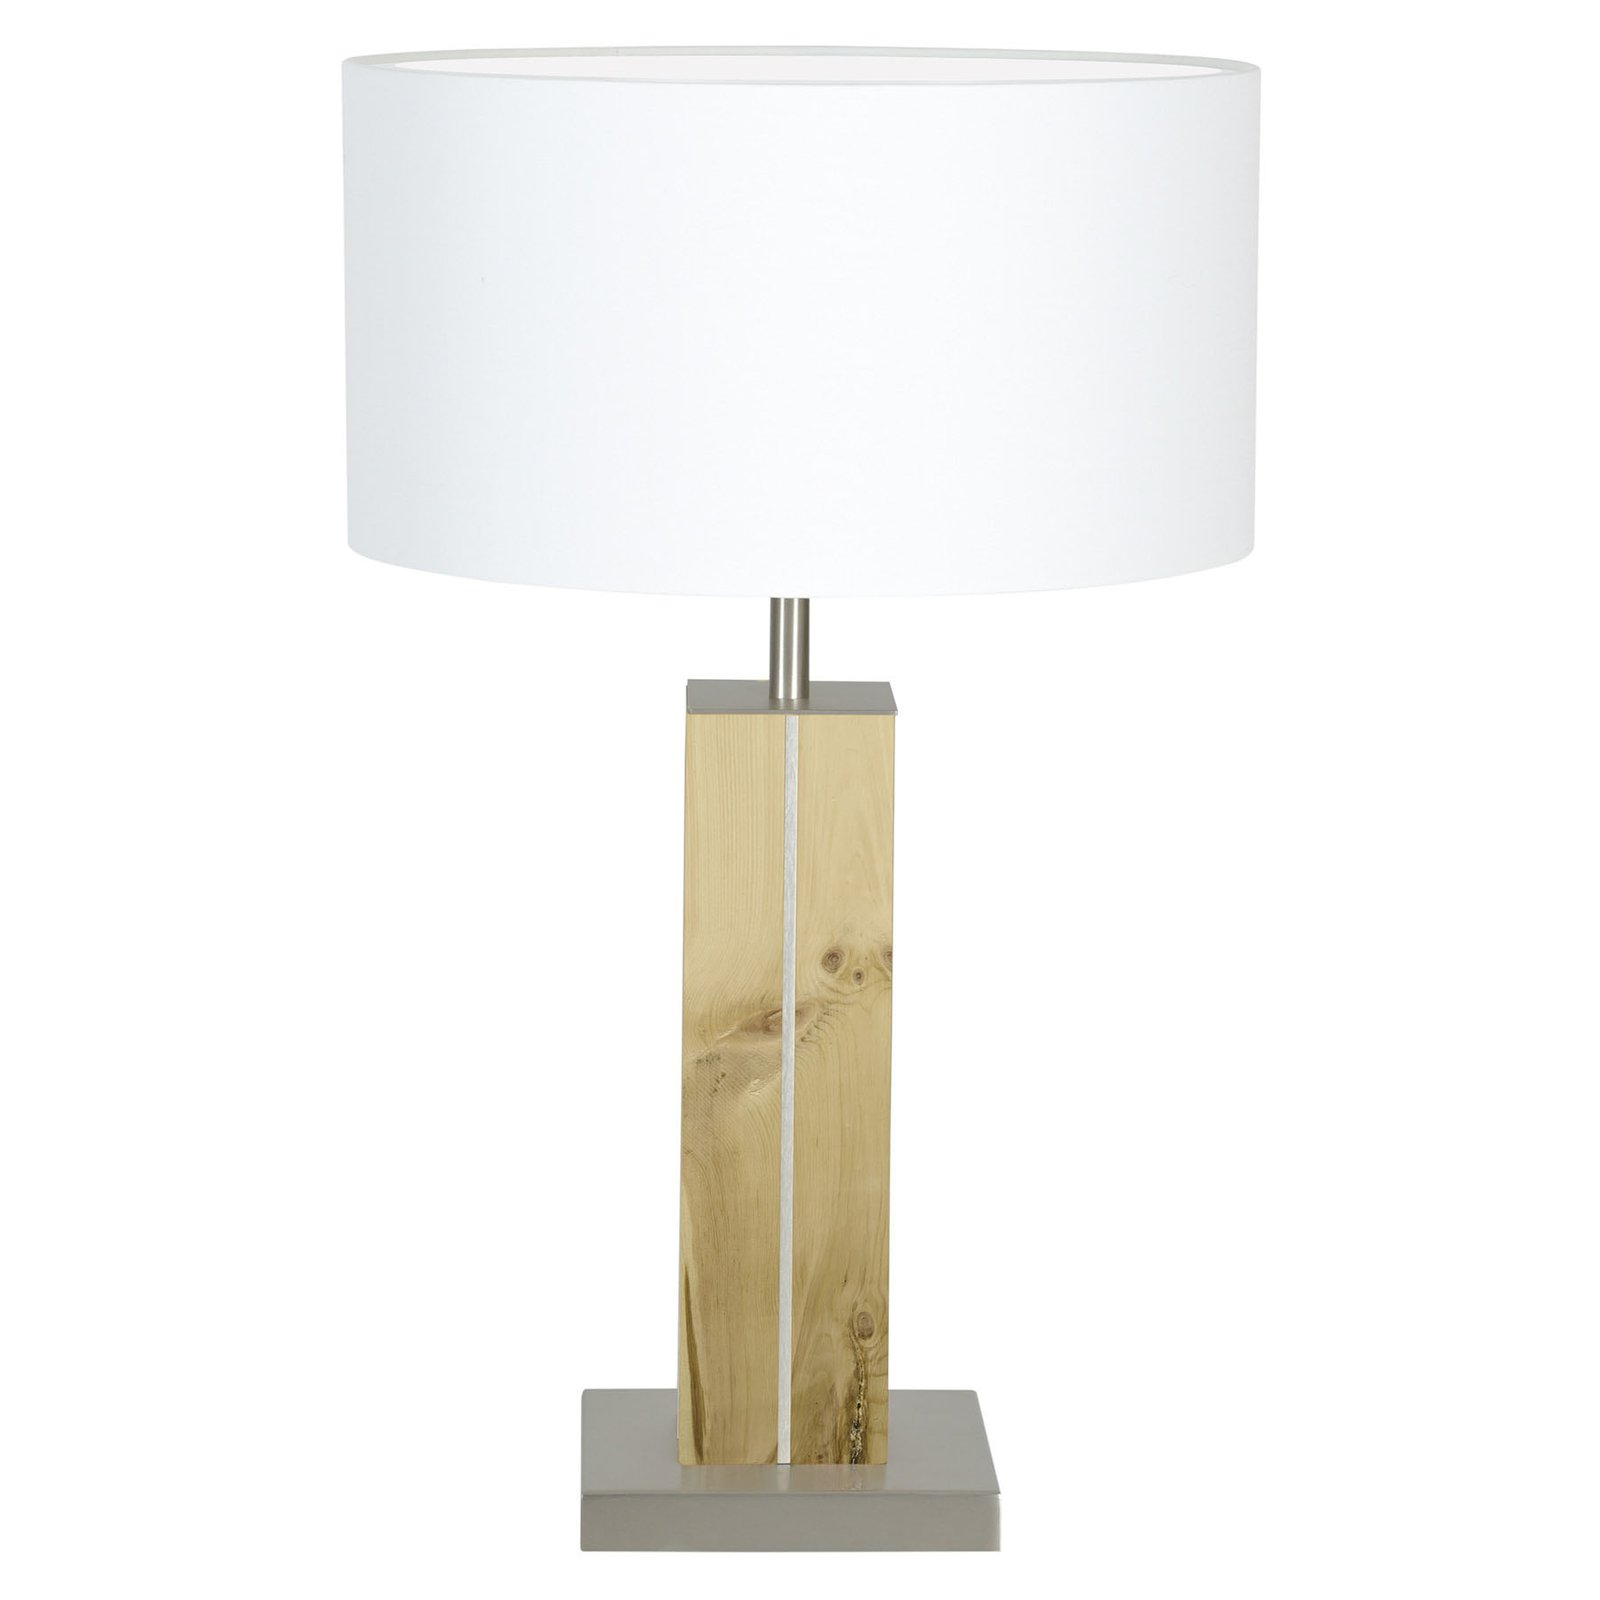 HerzBlut Dana bordlampe, sembrafuru, hvit, 56 cm